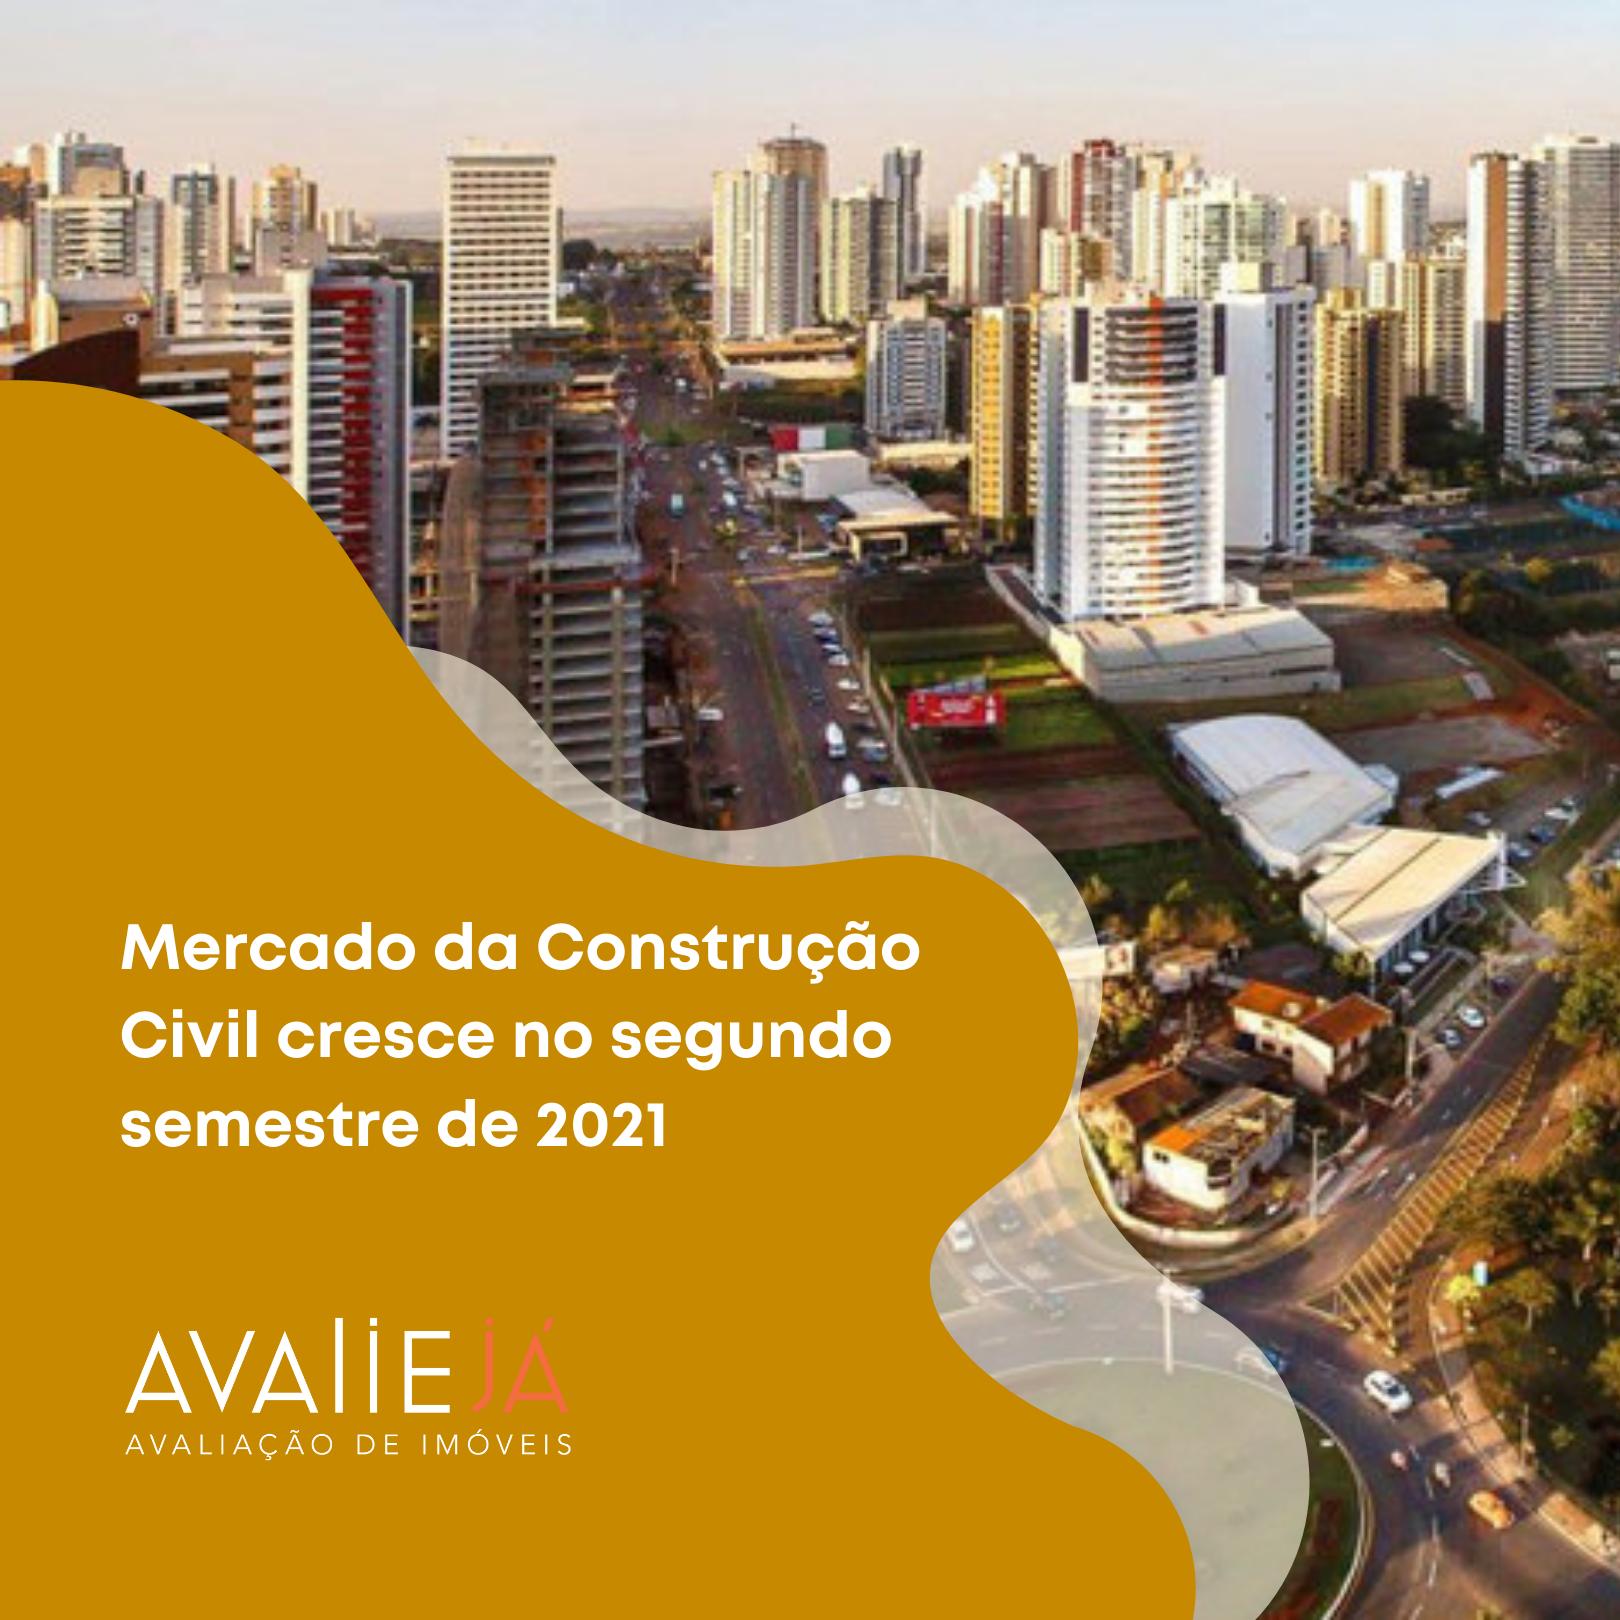 Mercado da Construção Civil cresce no segundo semestre de 2021